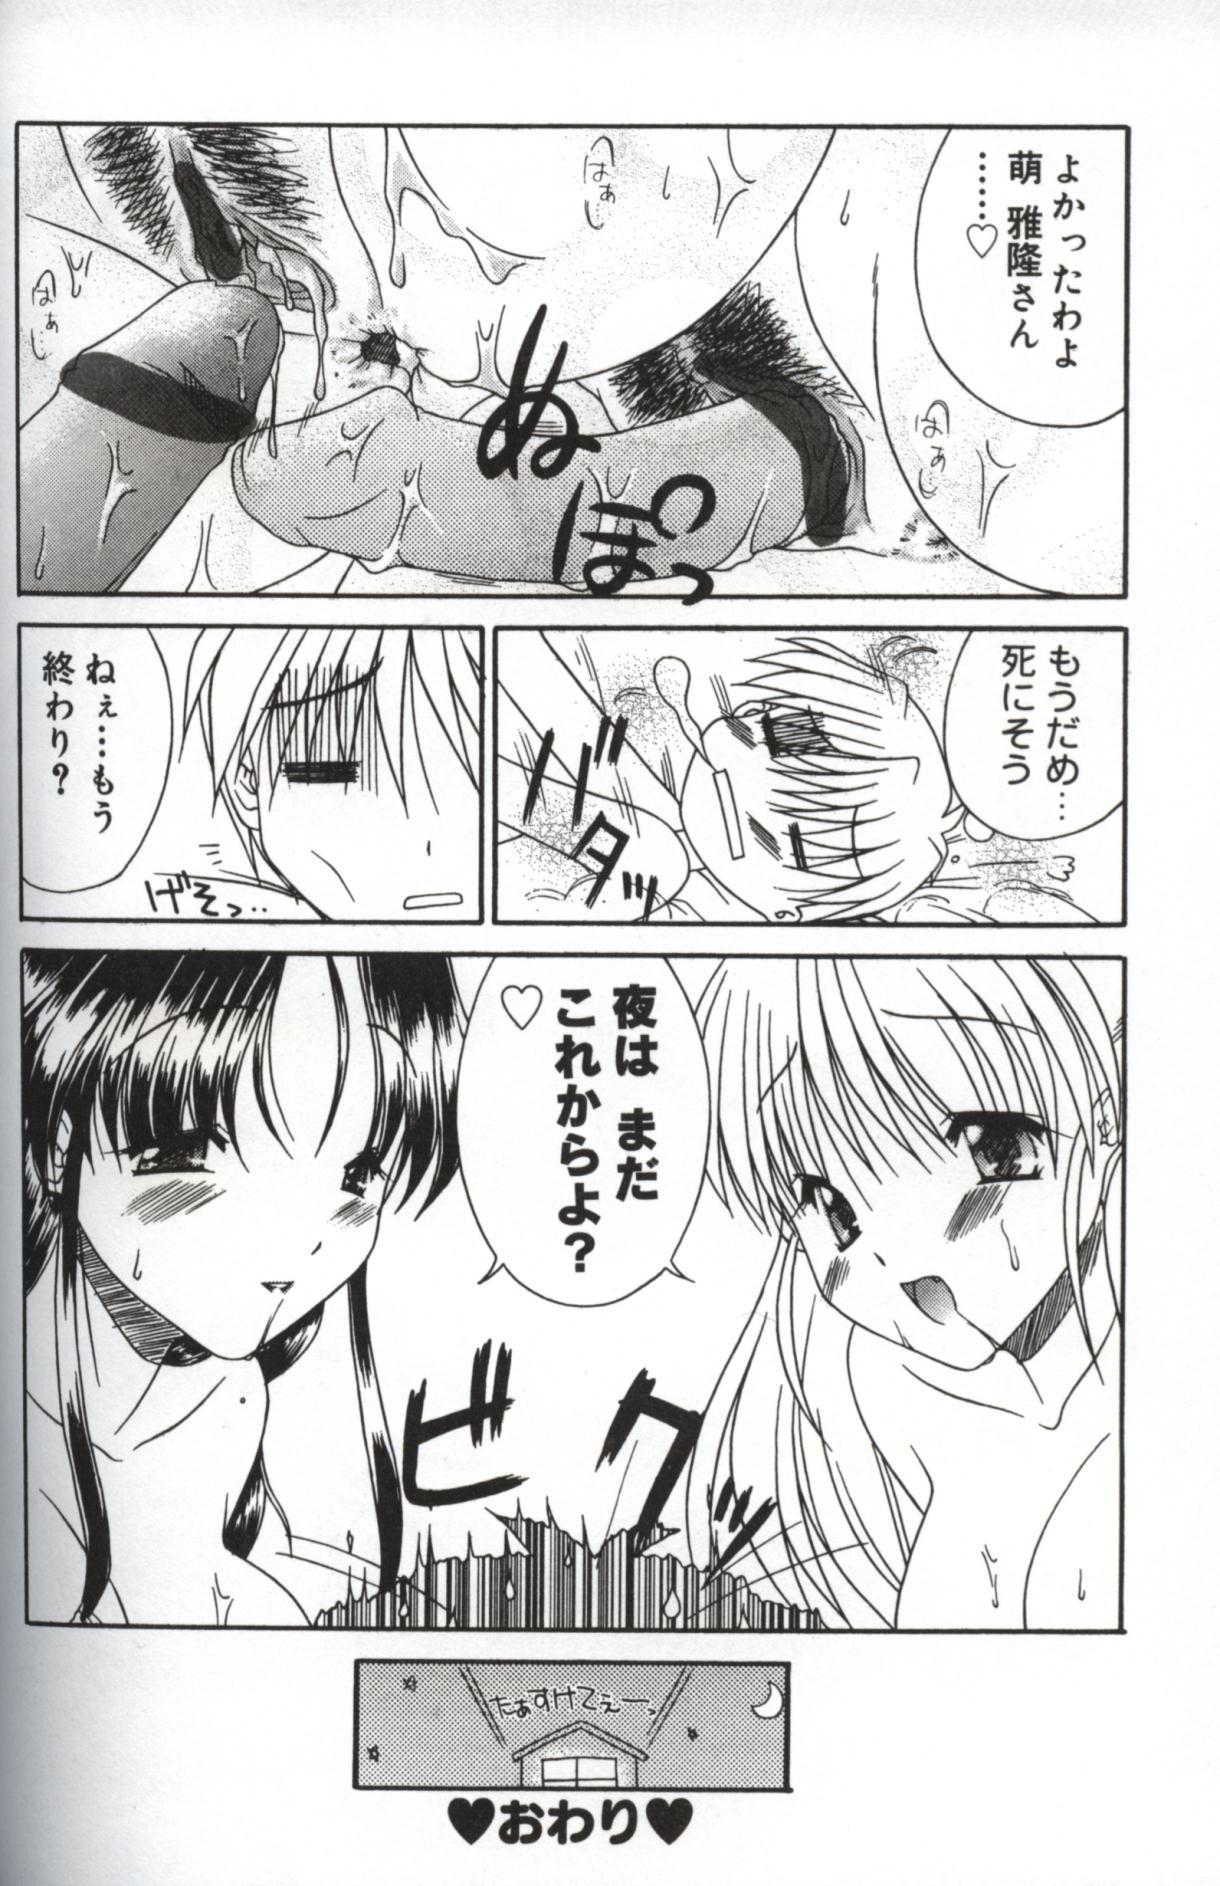 Hatsujou ♡ Oneesama 100